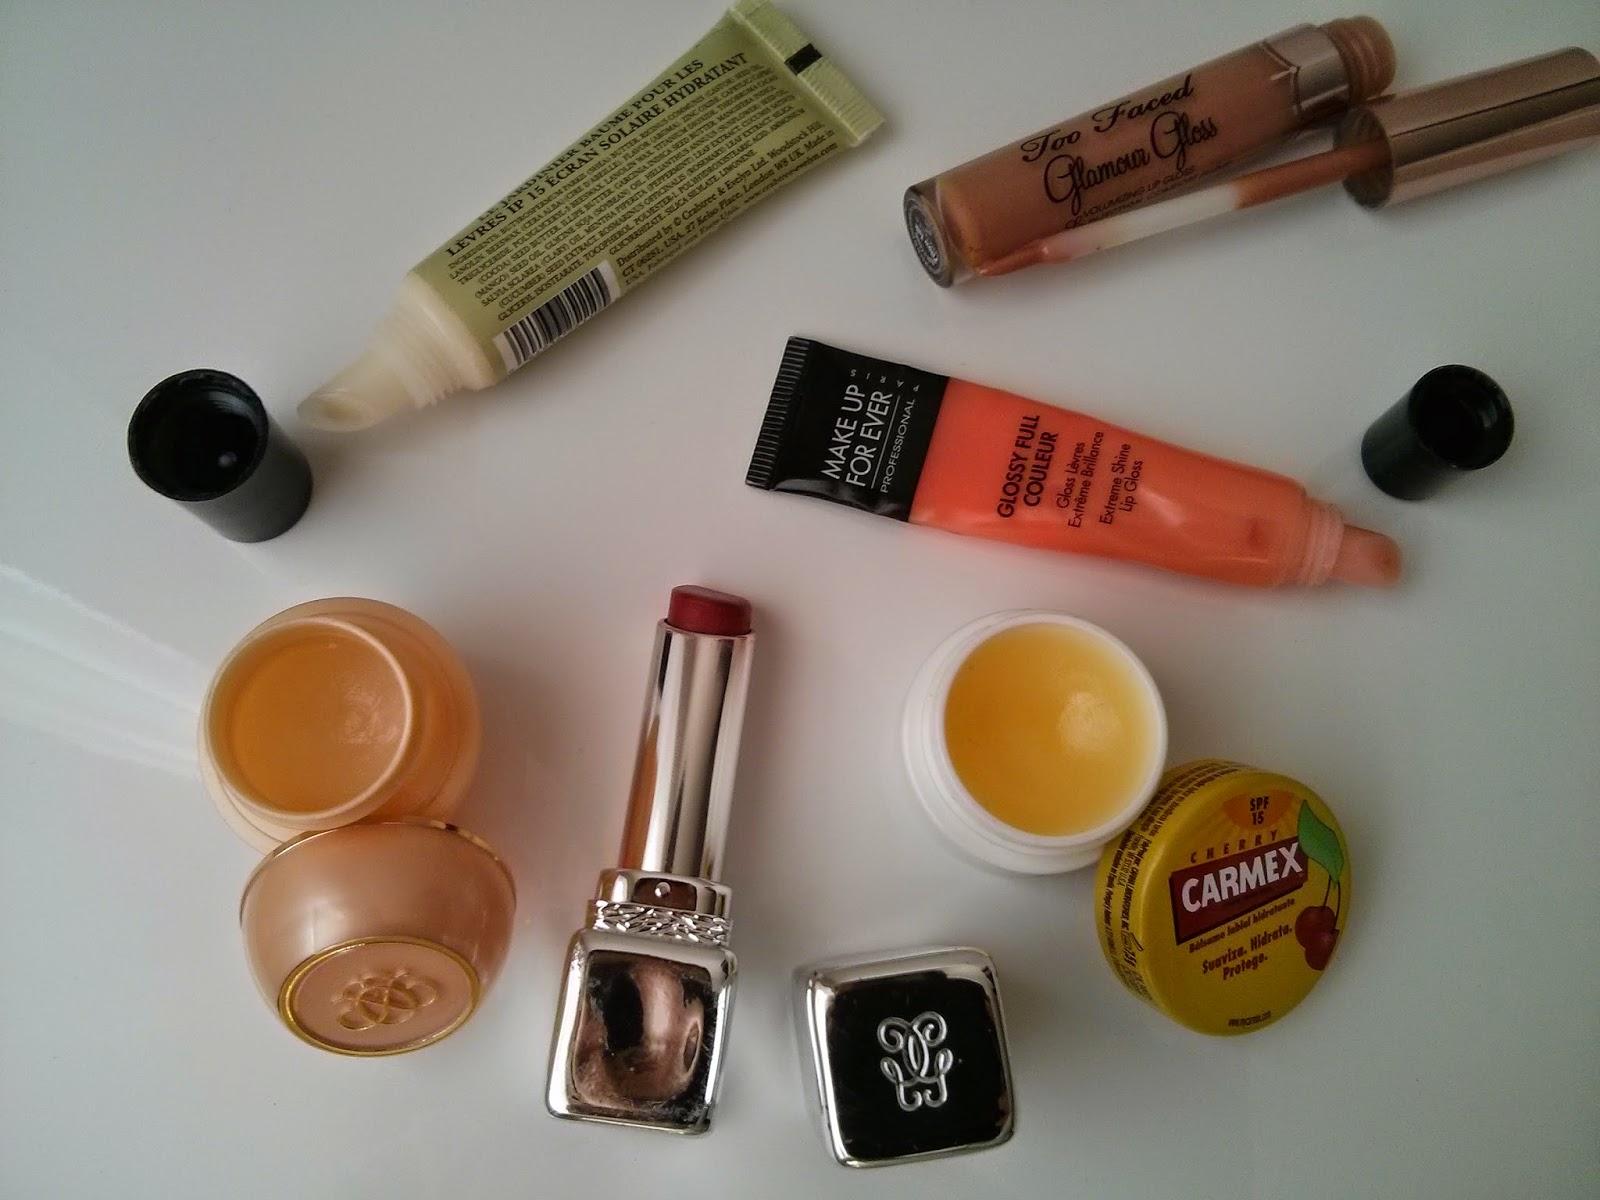 VipandSmart productos para conseguir unos labios bonitos y cuidados